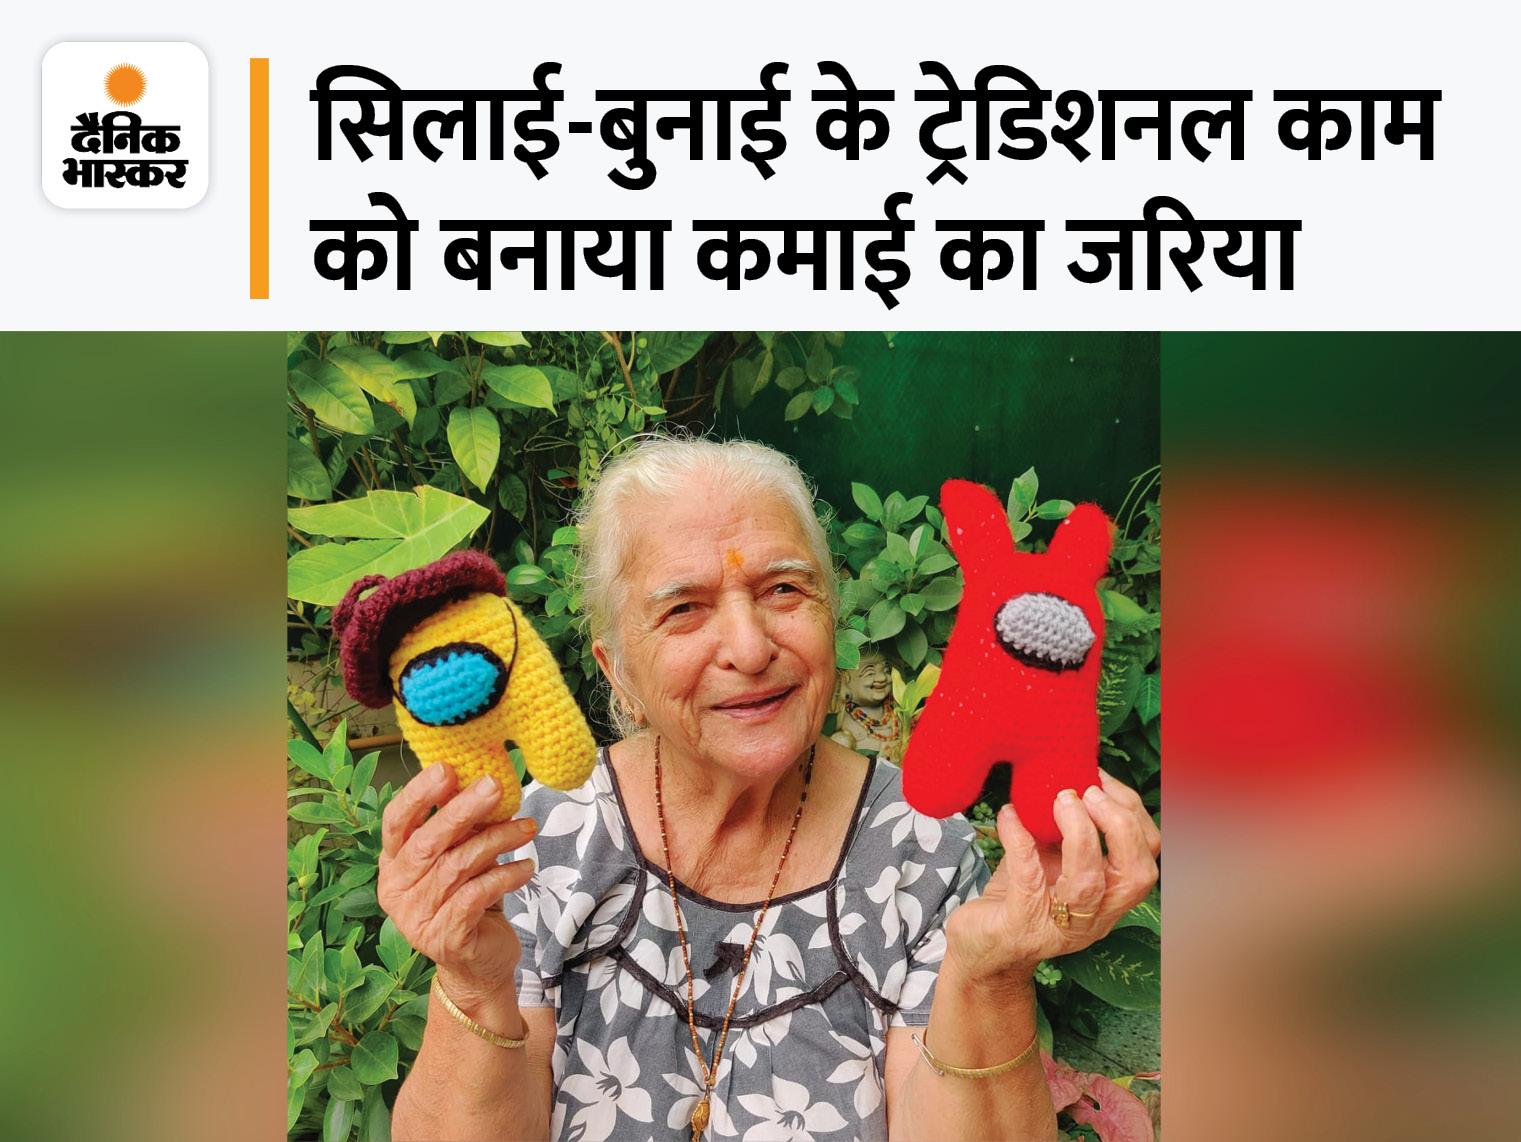 78 की उम्र में दादी ने शुरू किया खुद का स्टार्टअप, बोलीं- ग्राहक मेरे लिए अपने बच्चों के समान; पोती कर रही मार्केटिंग में मदद DB ओरिजिनल,DB Original - Dainik Bhaskar